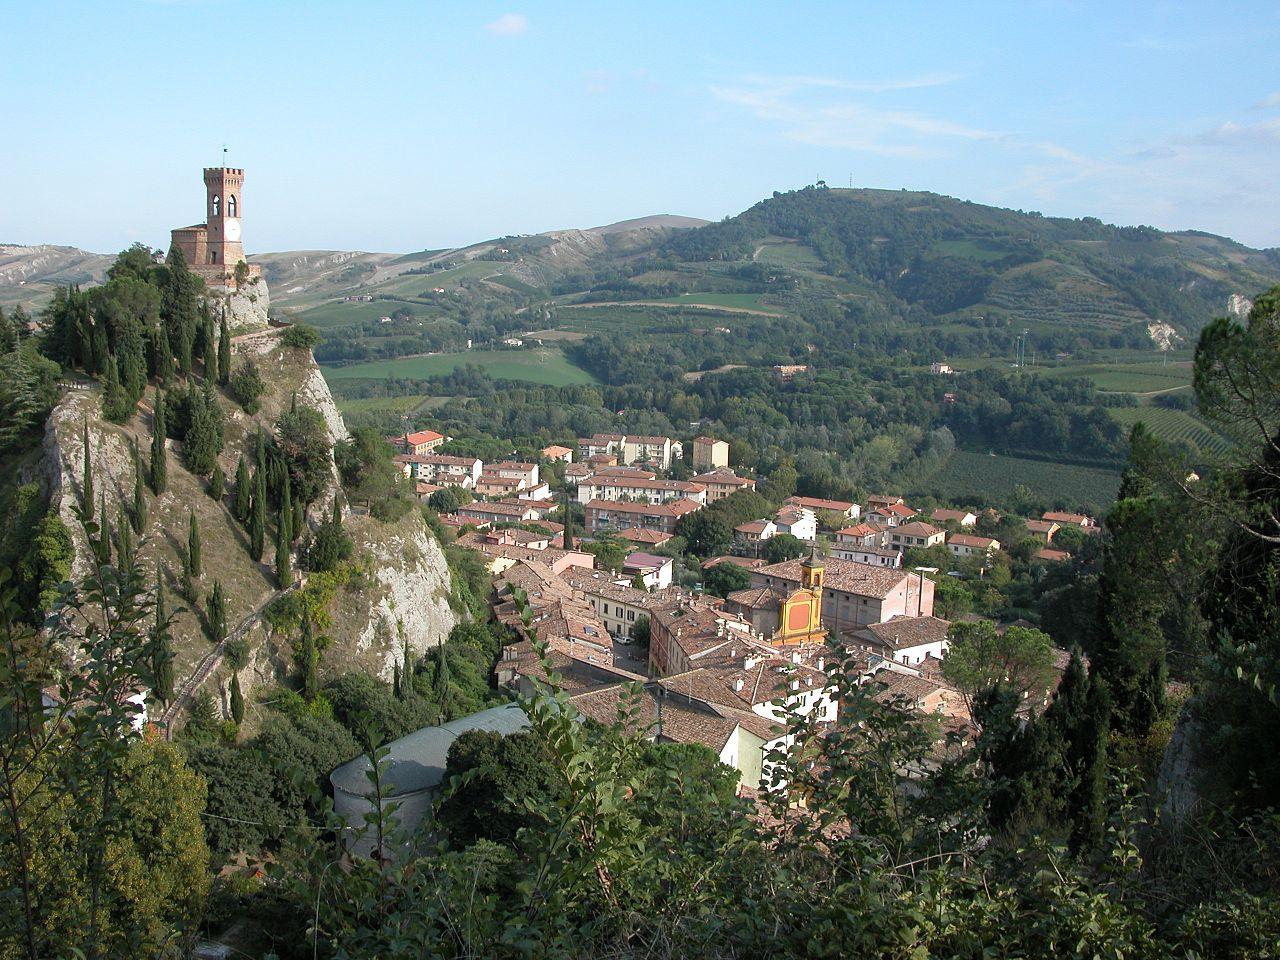 Brisighella,_Panorama_dalla_Rocca_Manfrediana._A_sinistra_la_Torre_dell^^39,Orologio_-_panoramio